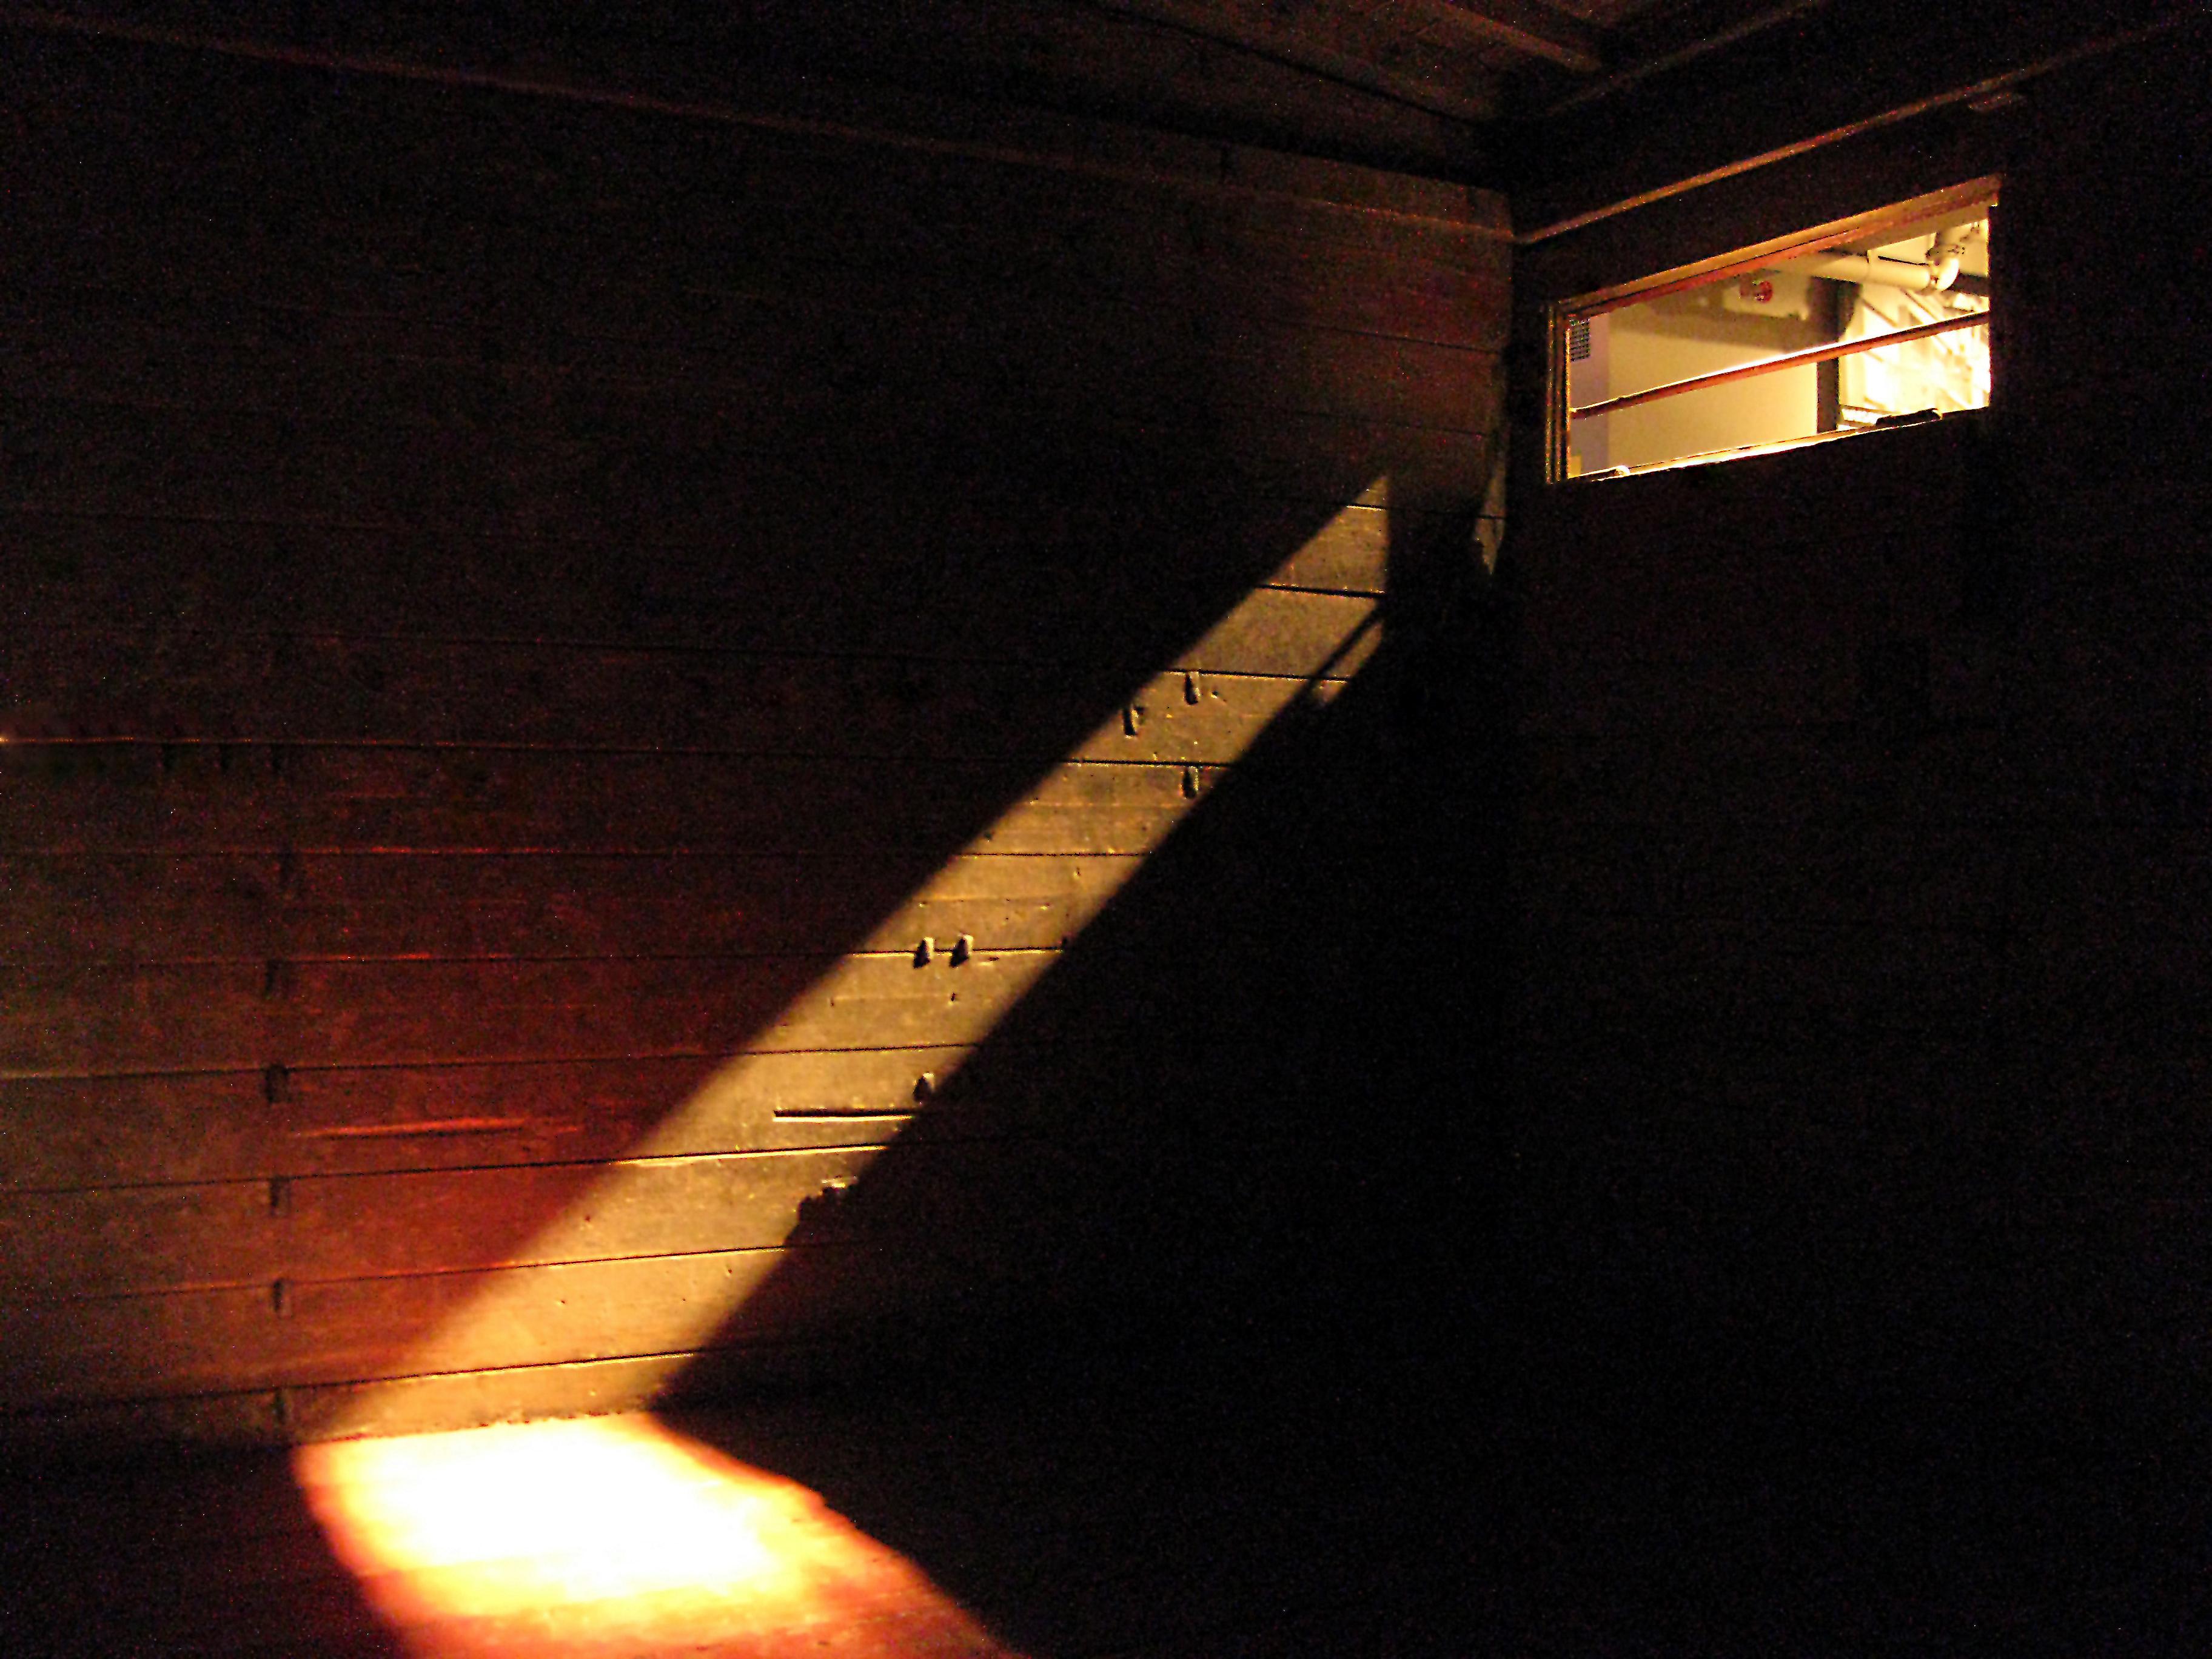 File:US Holocaust Memorial Museum - Boxcar.jpg